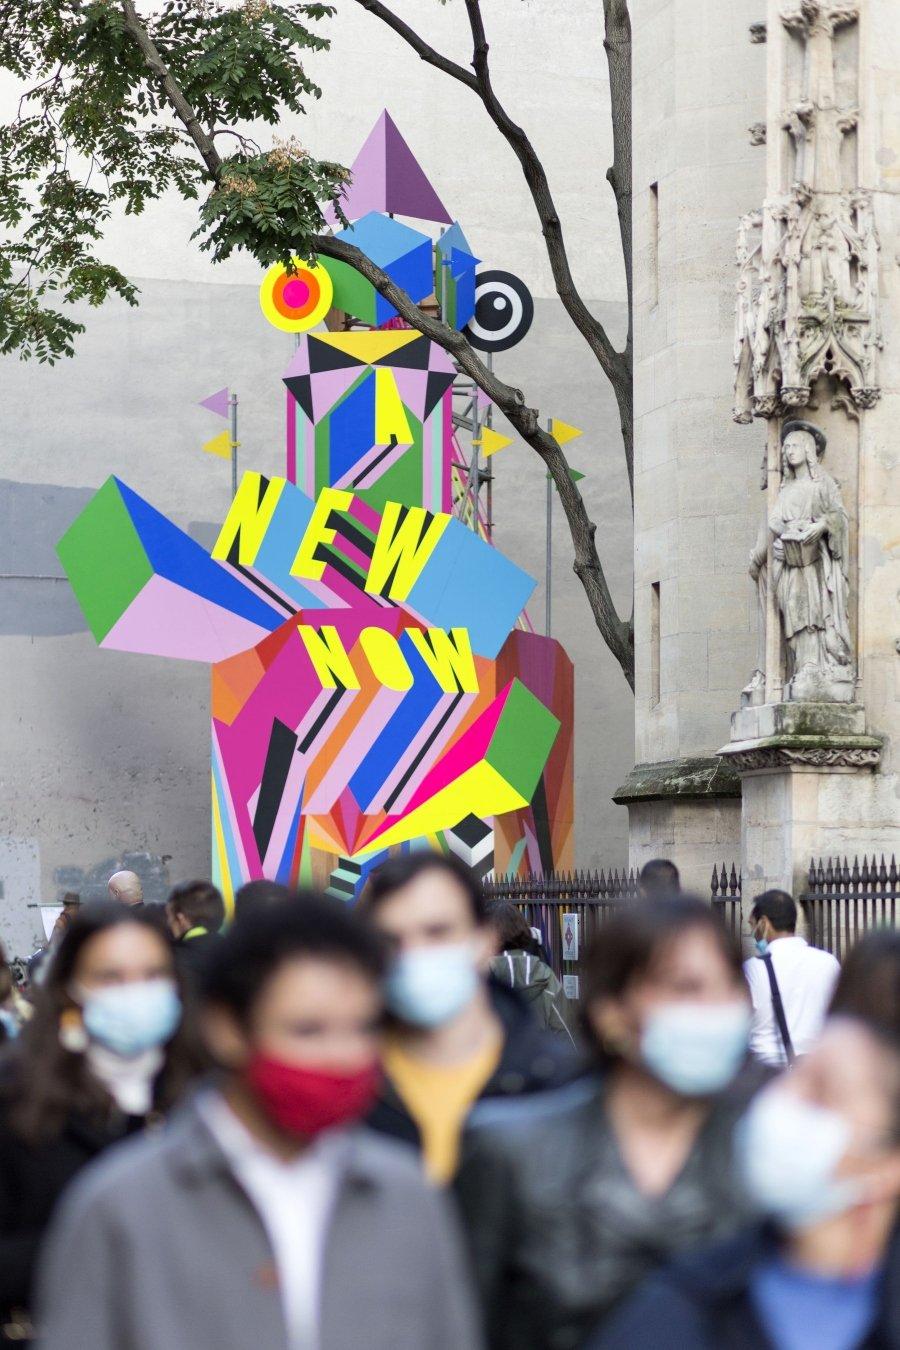 A New Now, lo nueov de Morag Myerscough en París